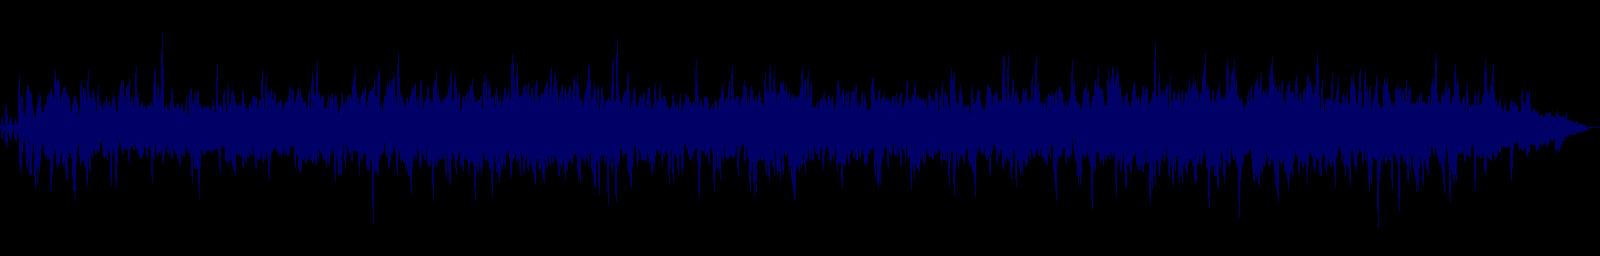 waveform of track #152708